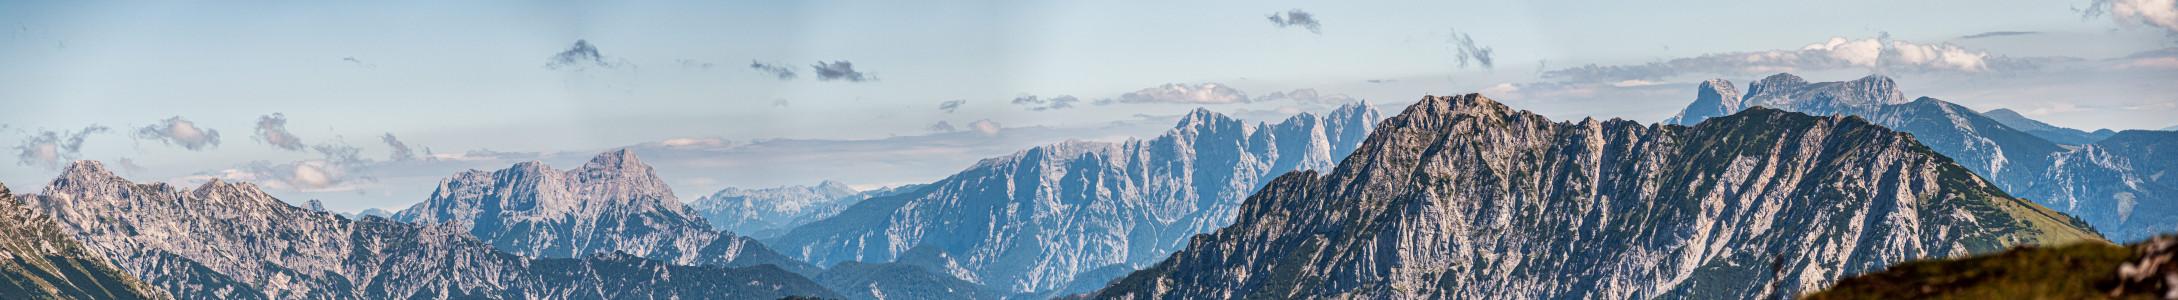 - Alm Almen Berg Bildeigenschaft Bildinhalt Hell Natur Pyhrn Priel Pyhrn-Priel Totes Gebirge Ungesättigt Wurzer Alm Wurzeralm blau